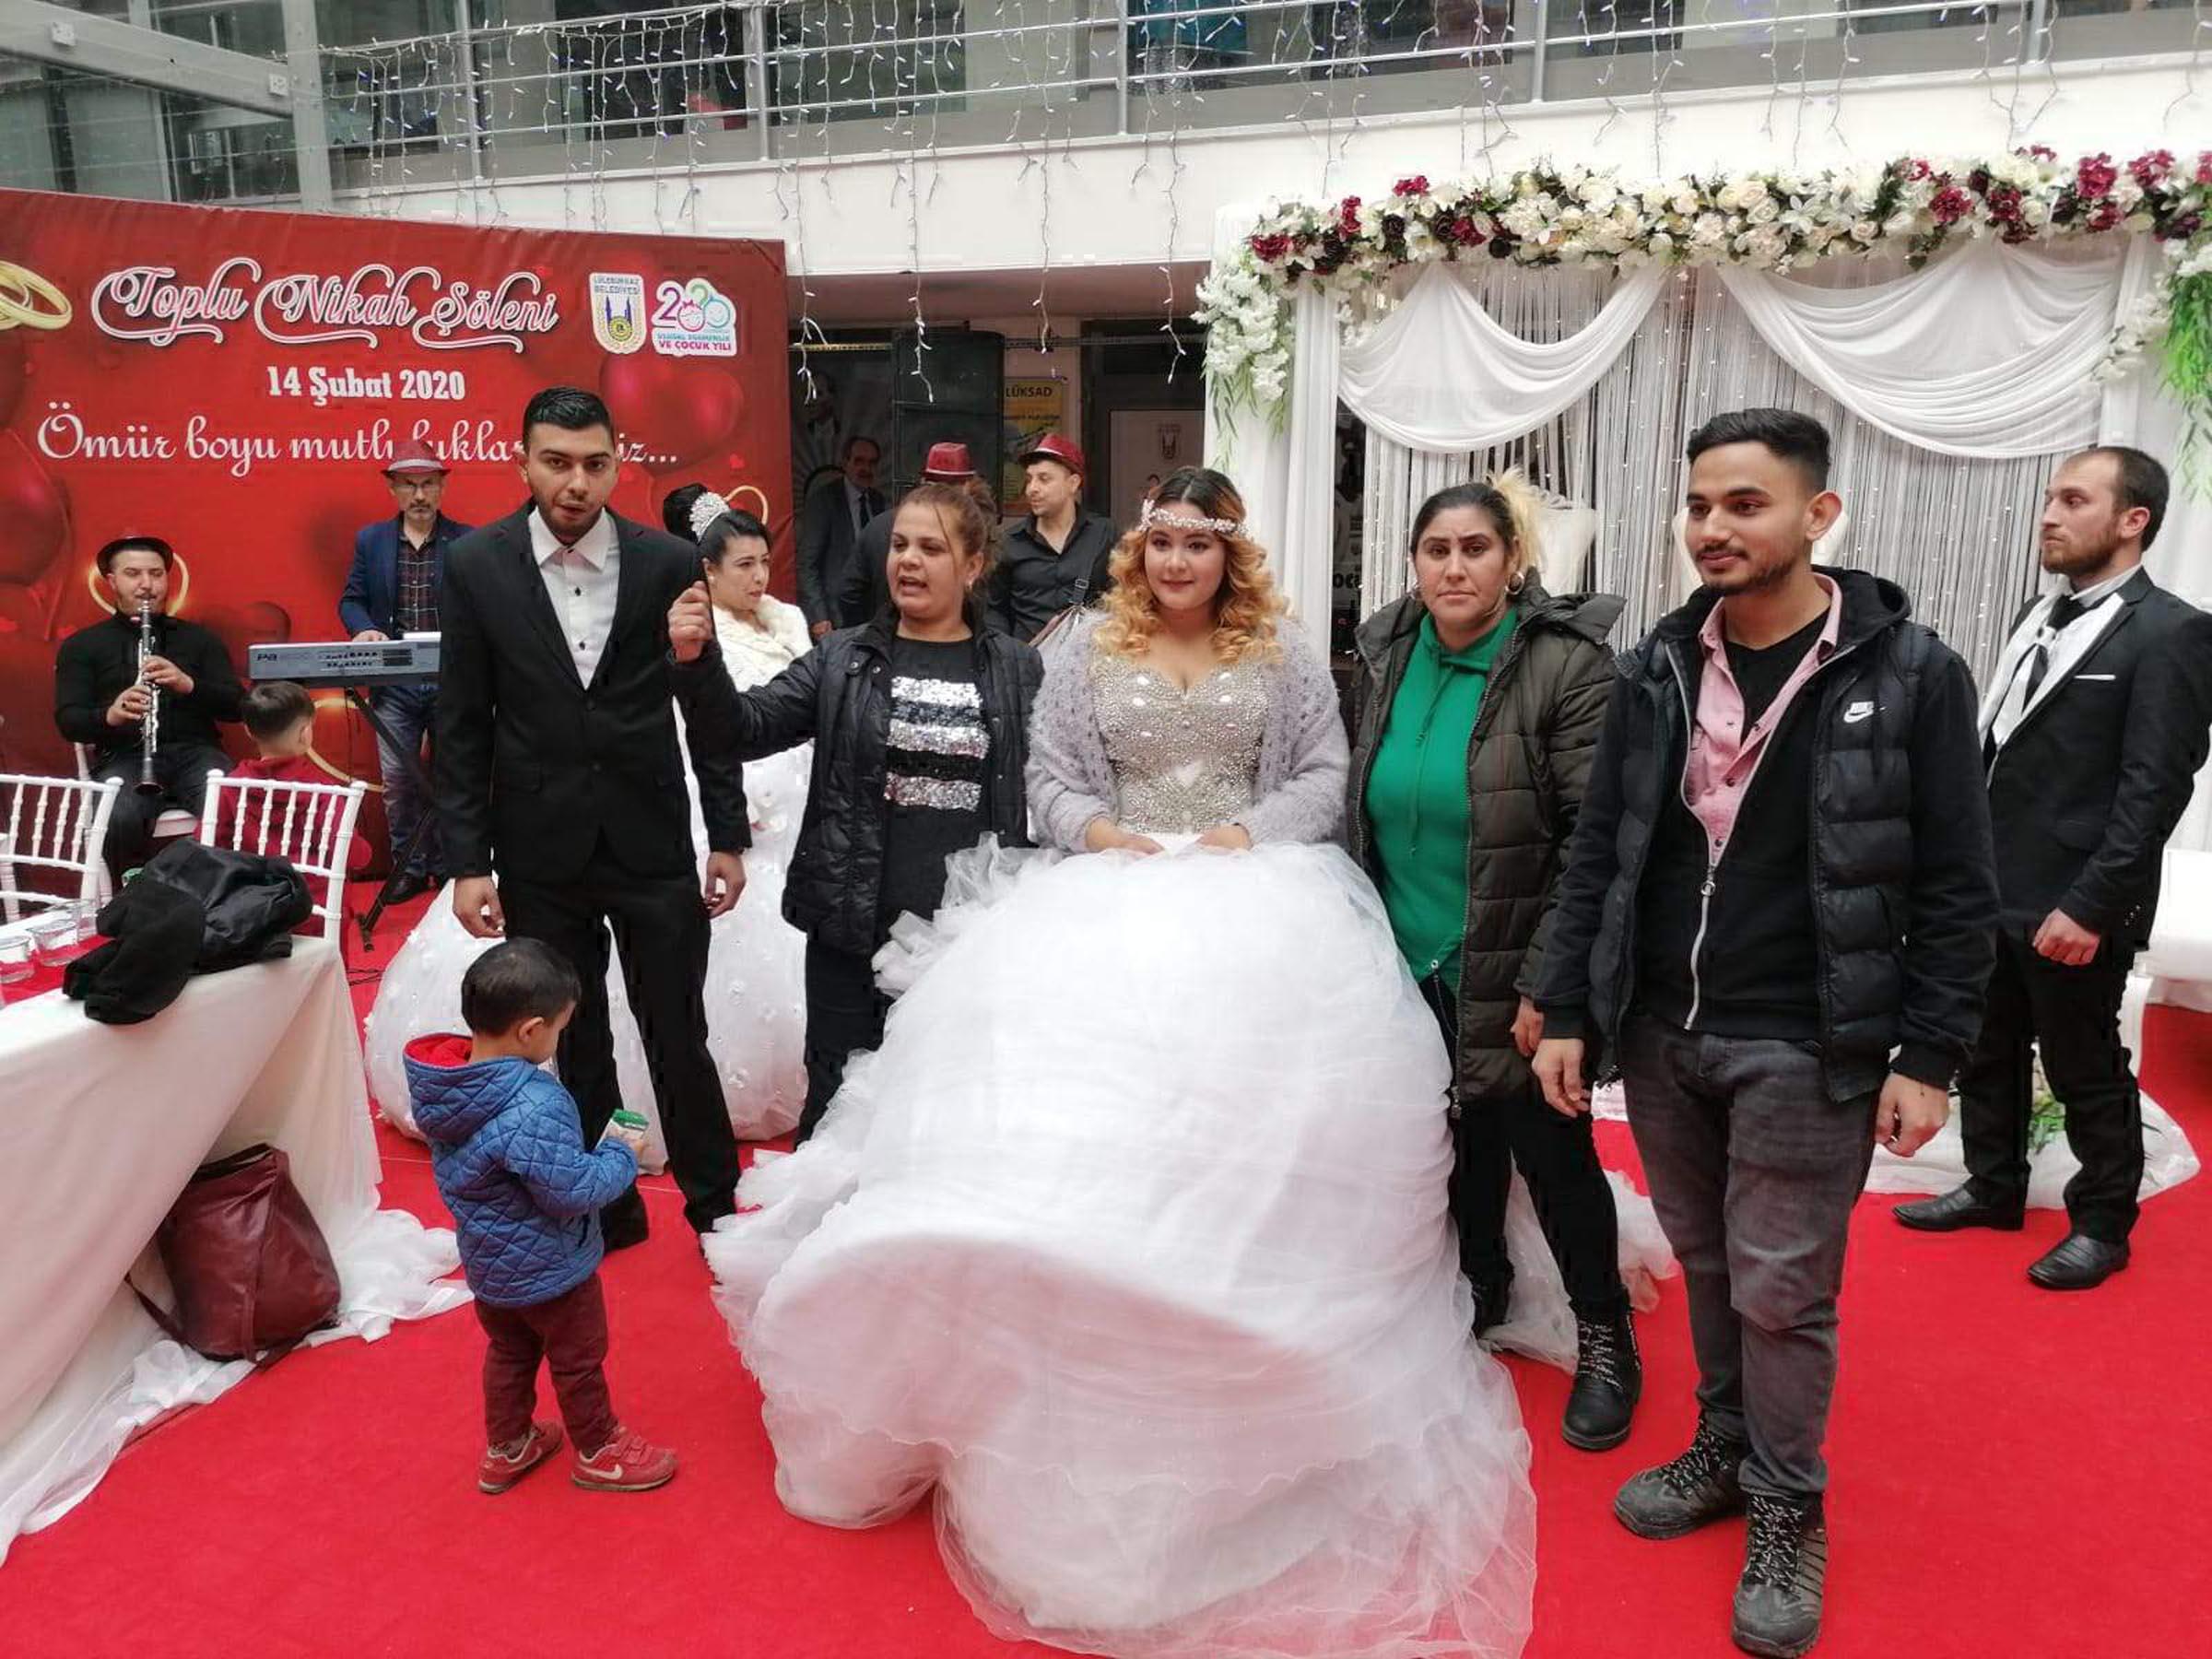 Lüleburgaz'da Sevgililer Günü'nde toplu nikah töreni